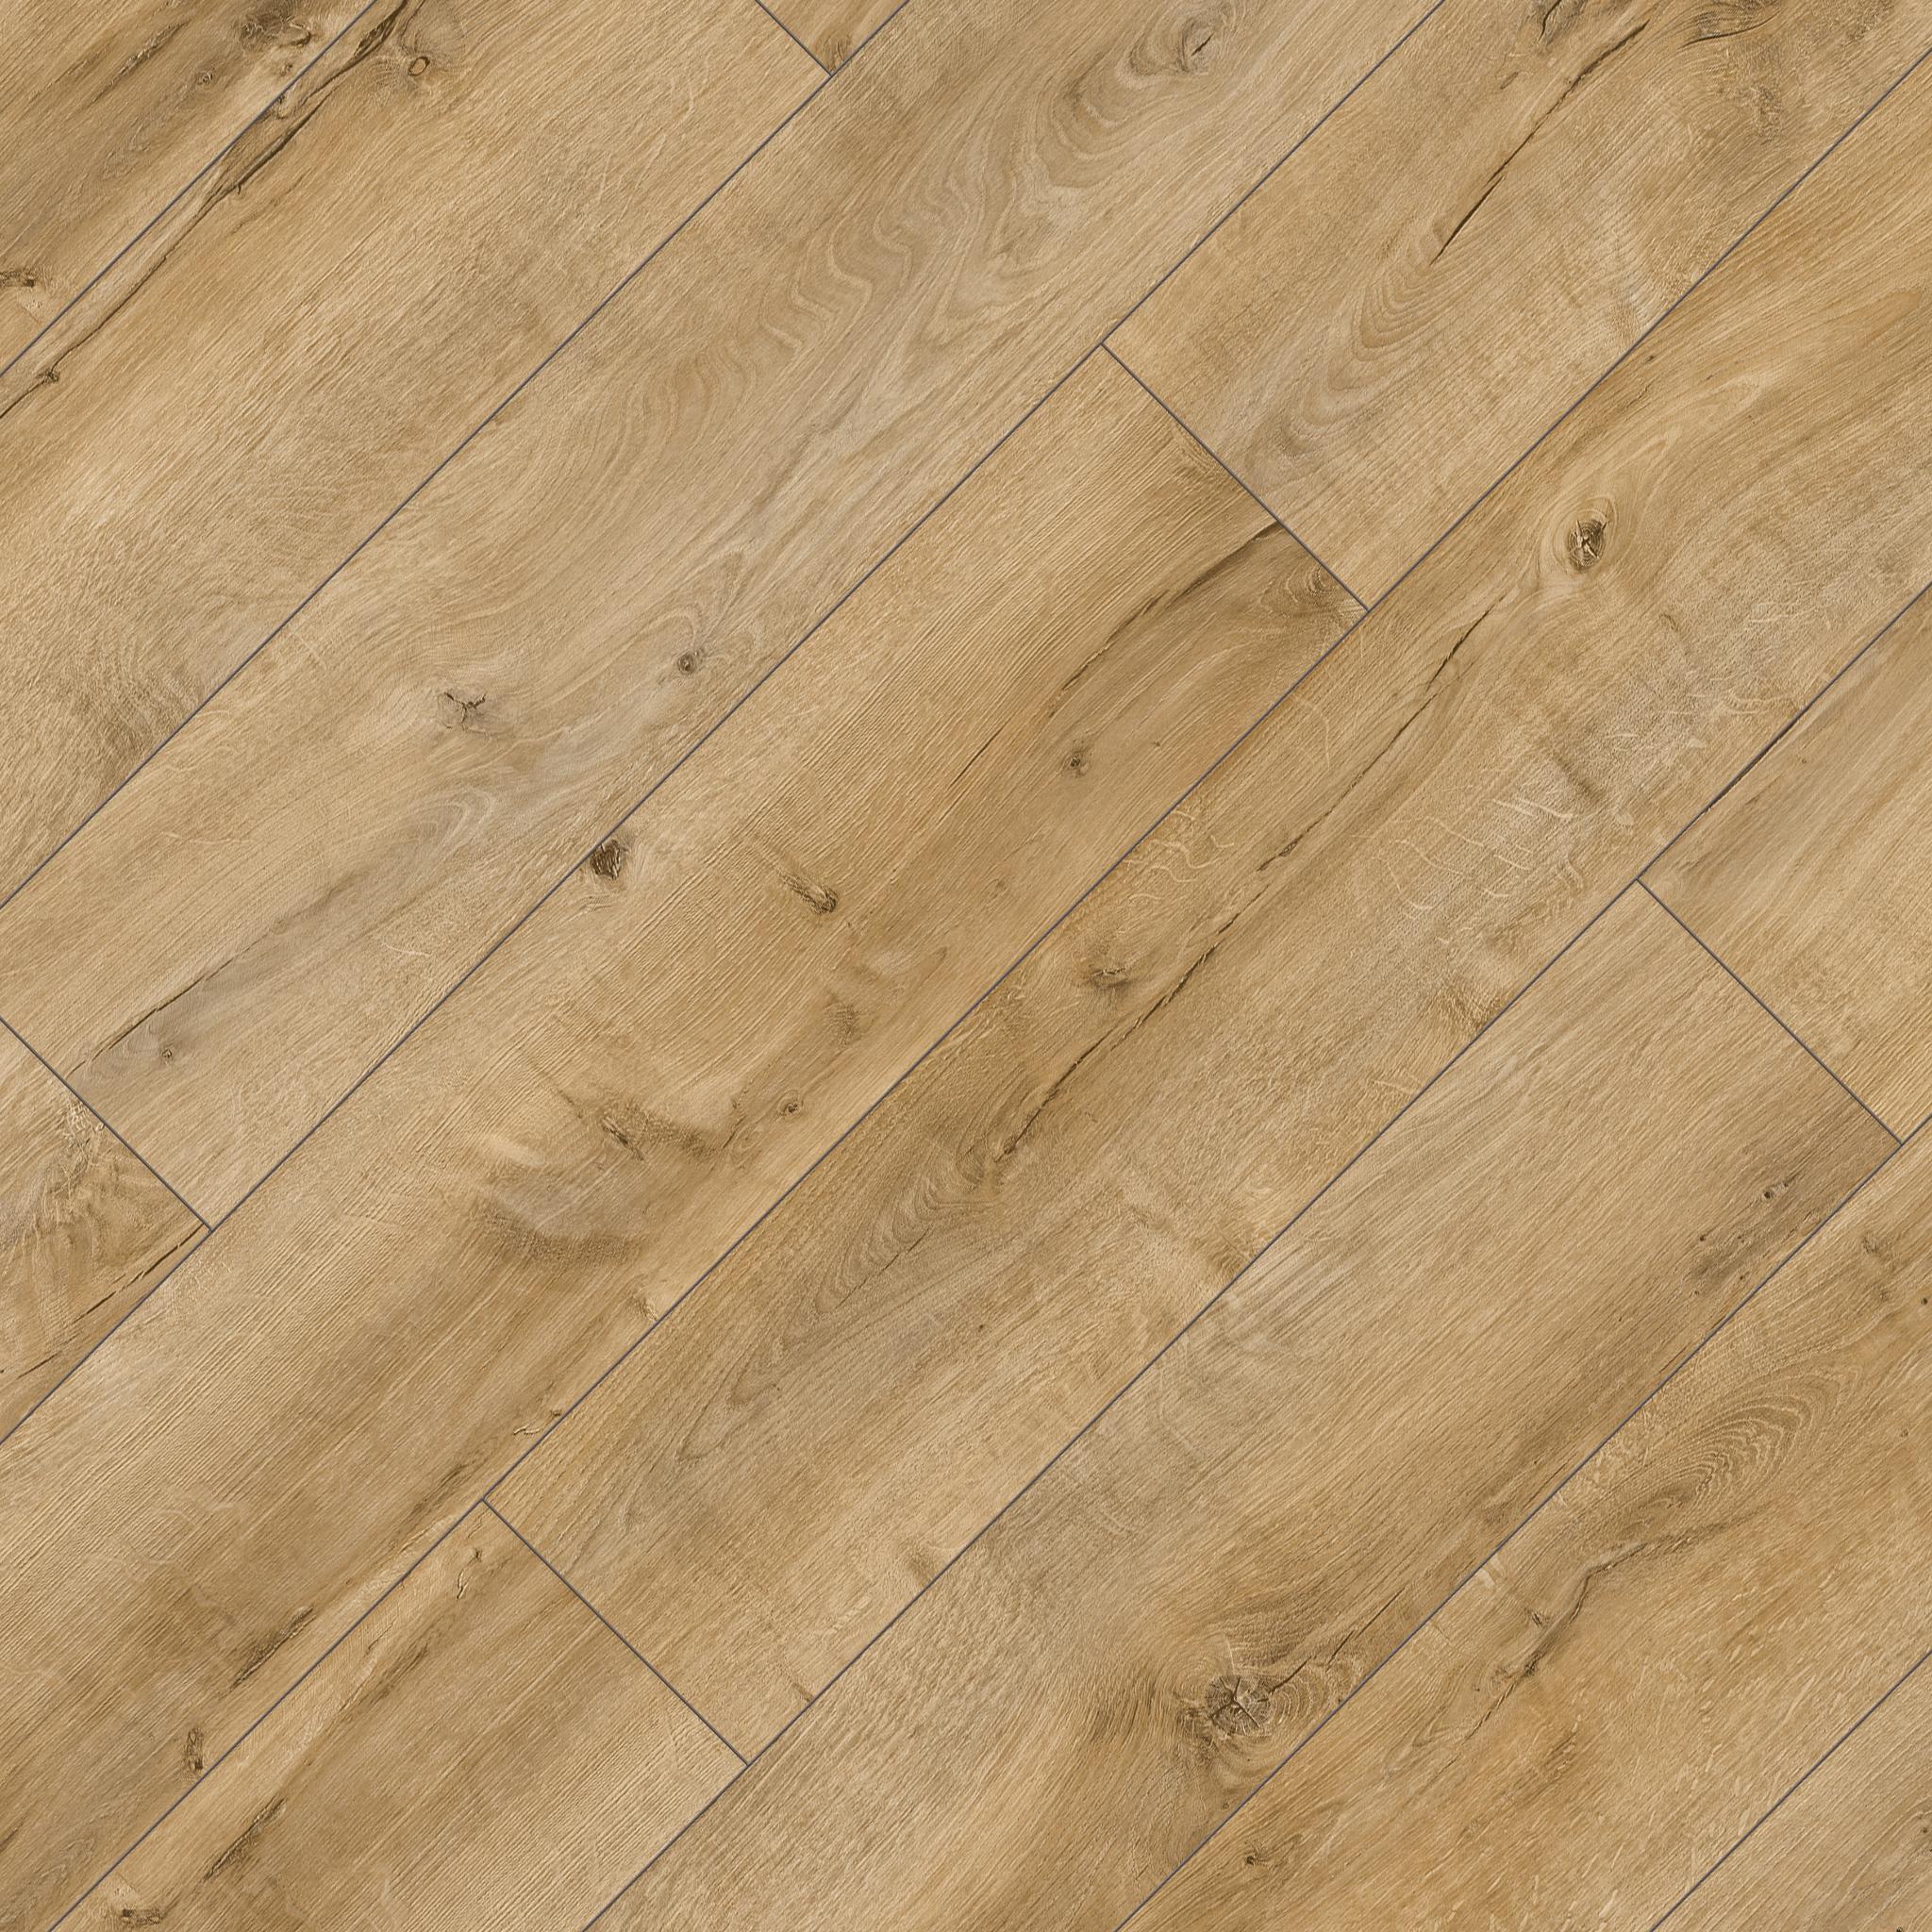 Wiparquet Eco Aqua Oak soft brown